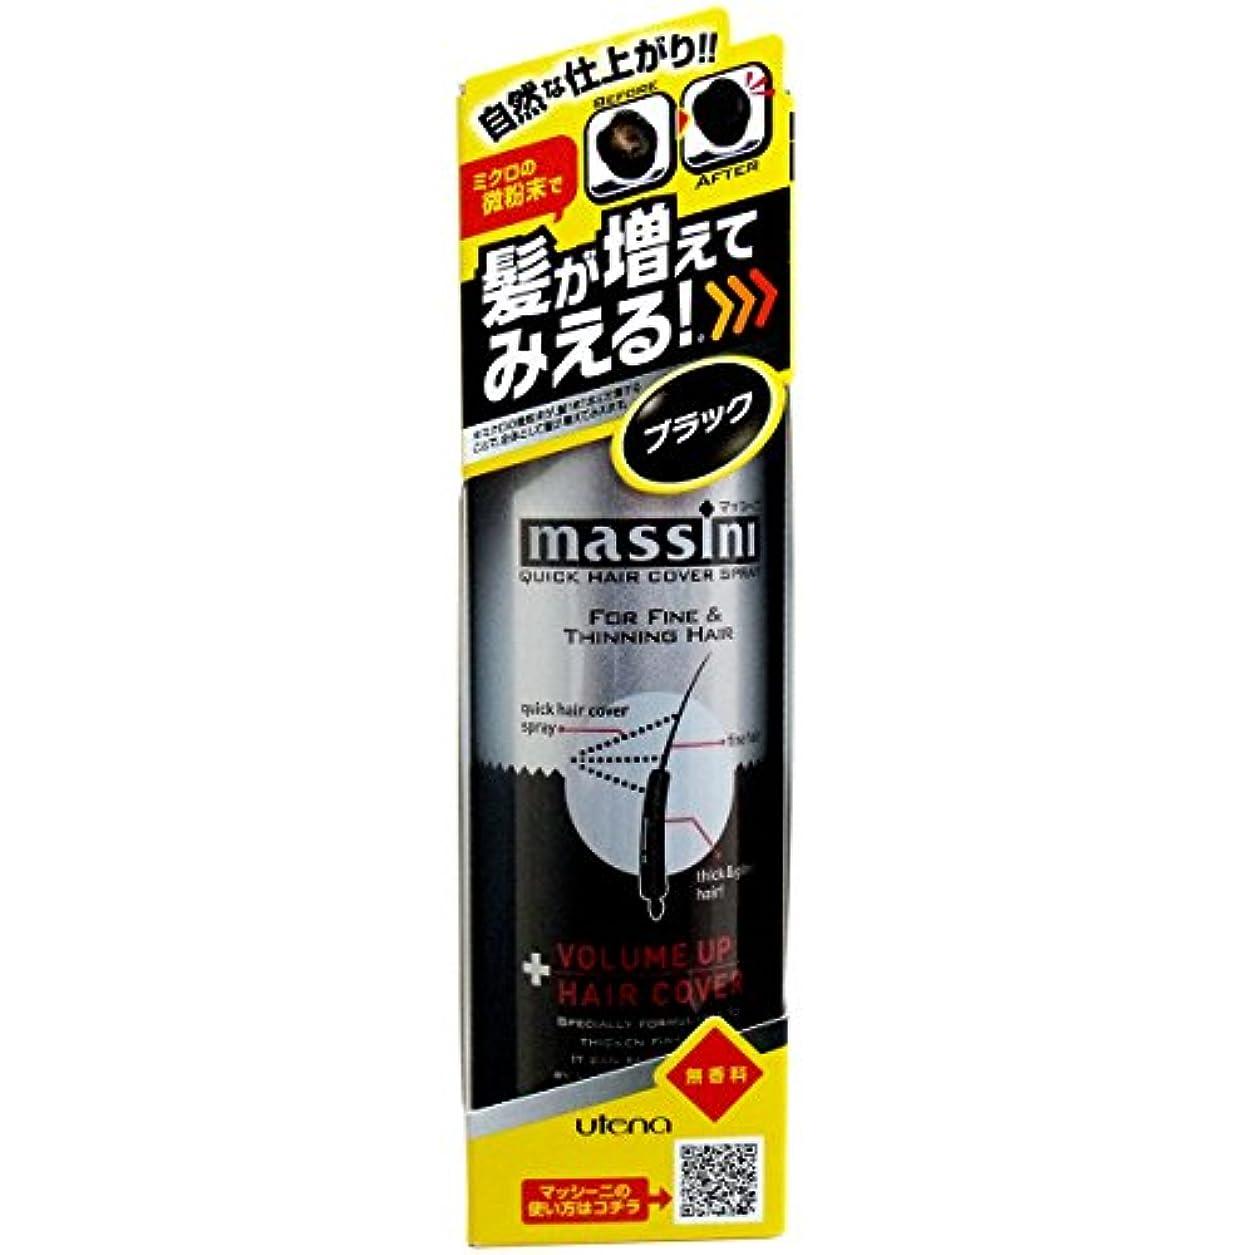 疼痛目覚めるオート【ウテナ】マッシーニ クィックヘアカバースプレー(ブラック) 140g ×5個セット